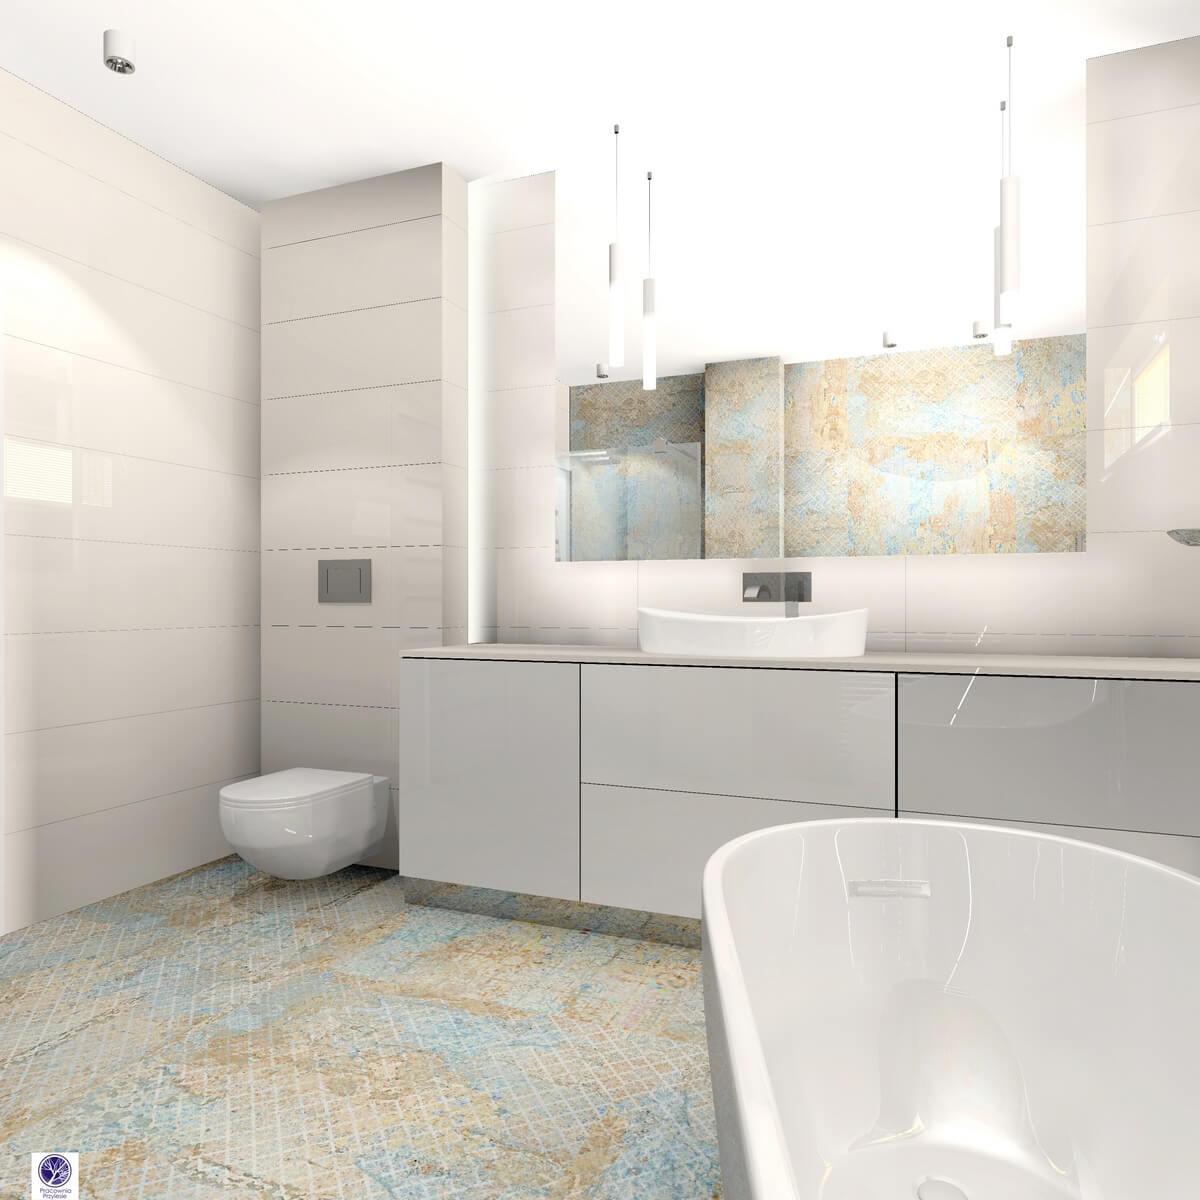 łazienki Meble Comfort Fronty Płyty Meble Do Biura